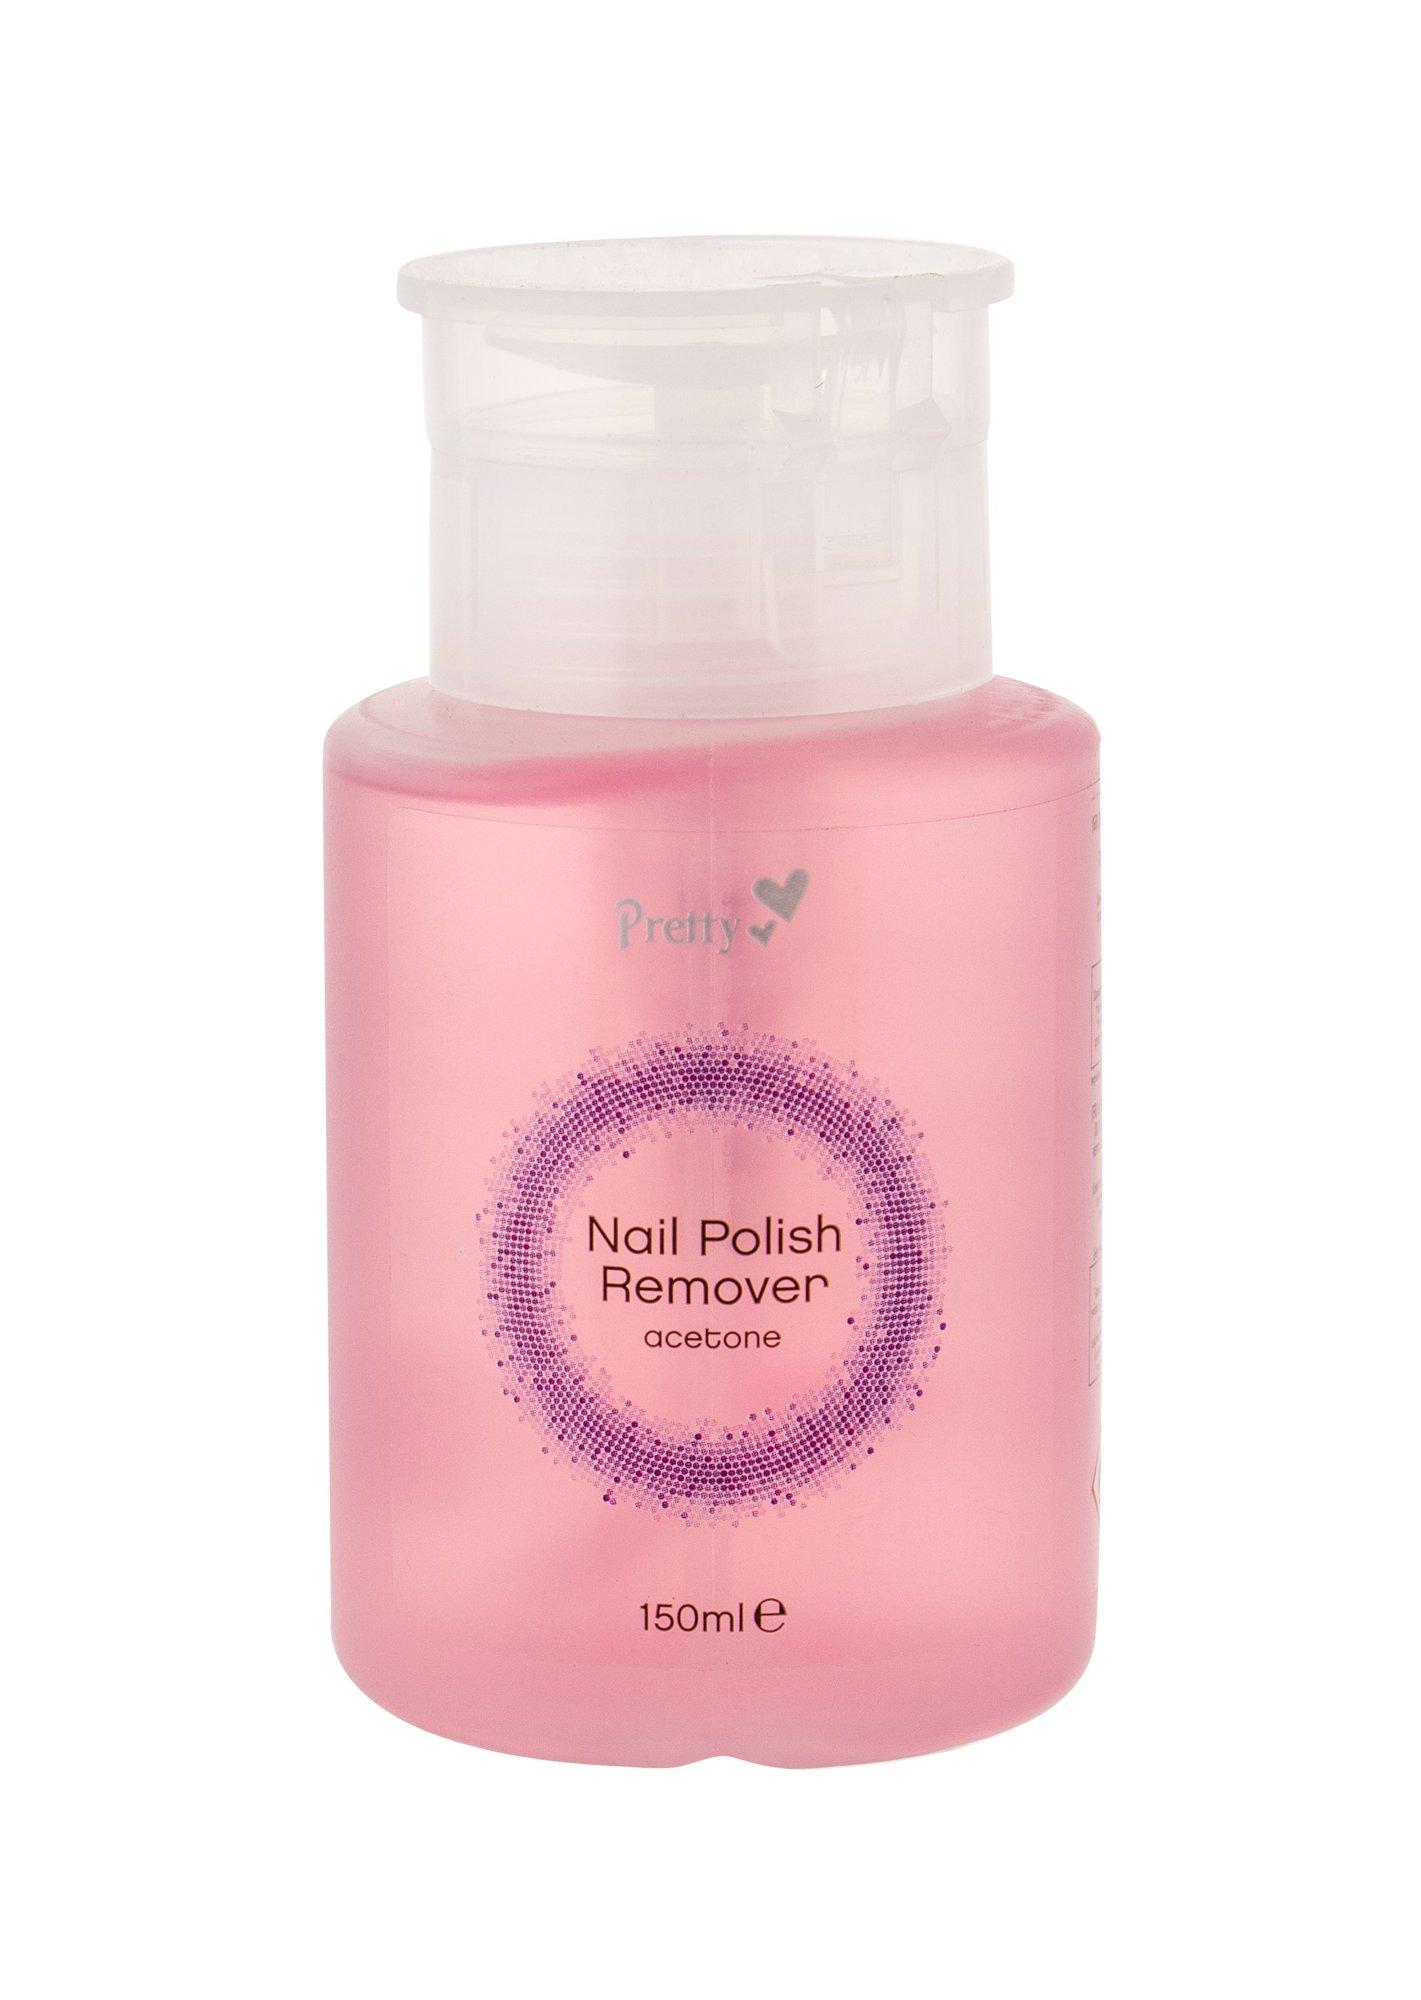 Xpel Nail Care Nail Polish Remover 150ml  Pretty